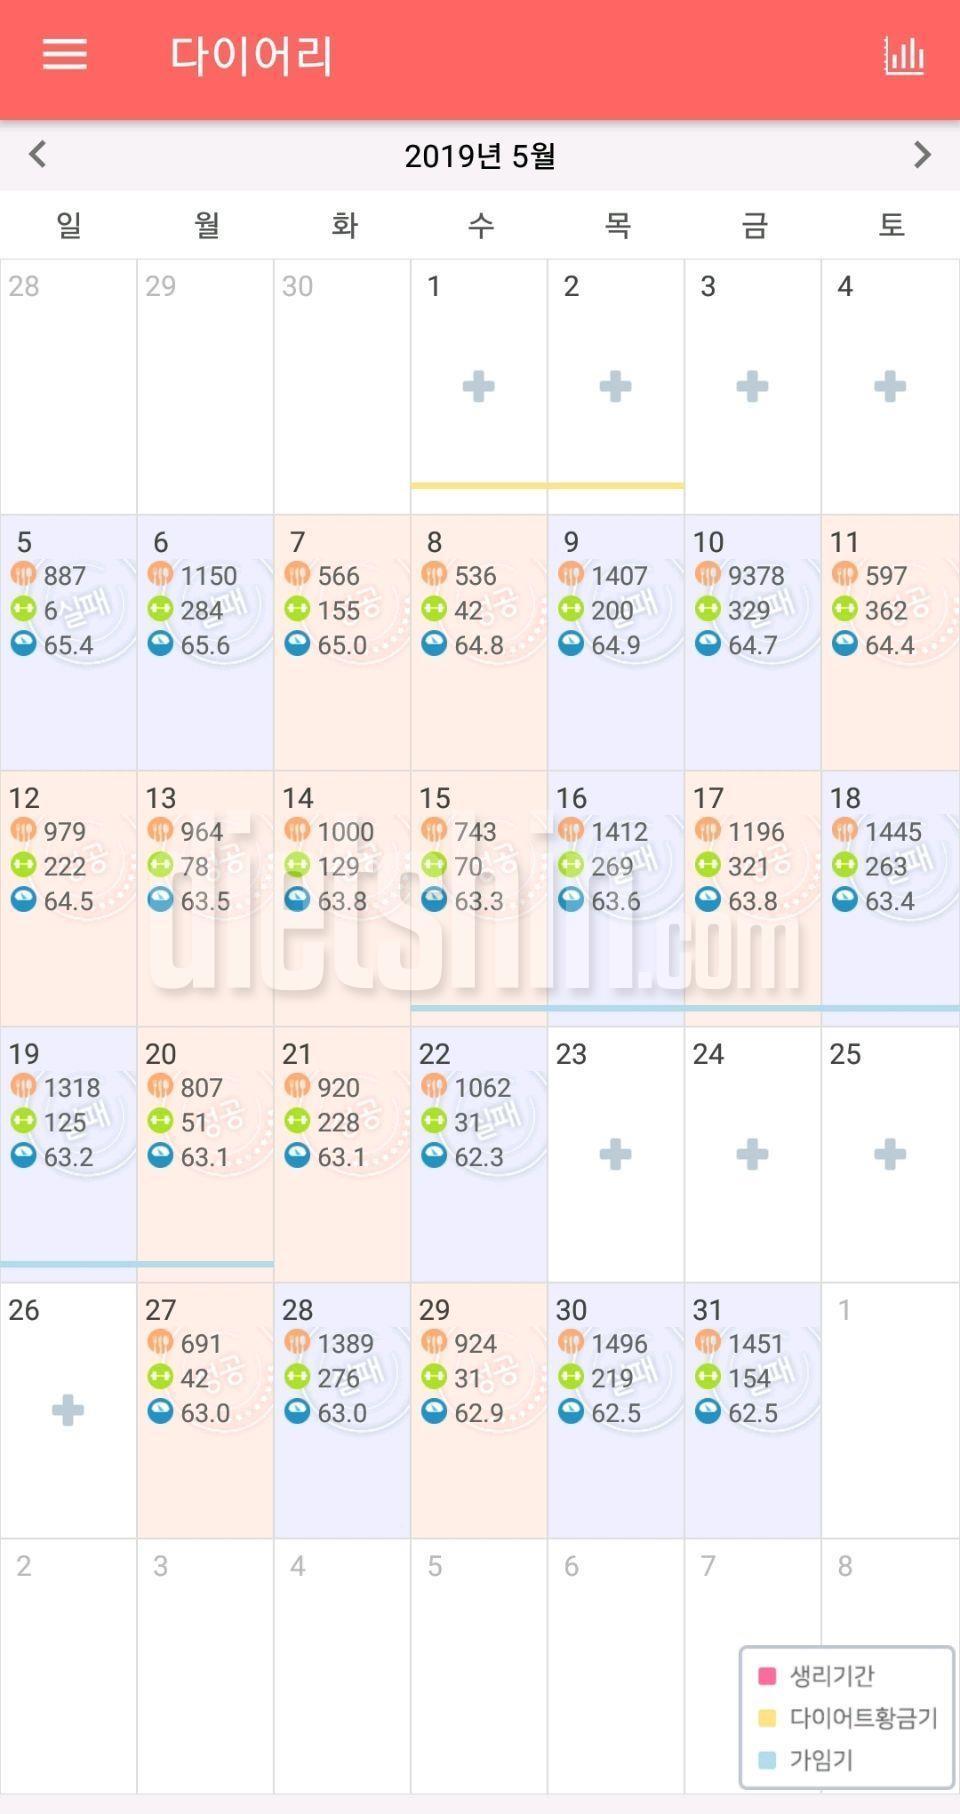 5월 5일 >  7월 9일 ( 65.4 > 61.3 )